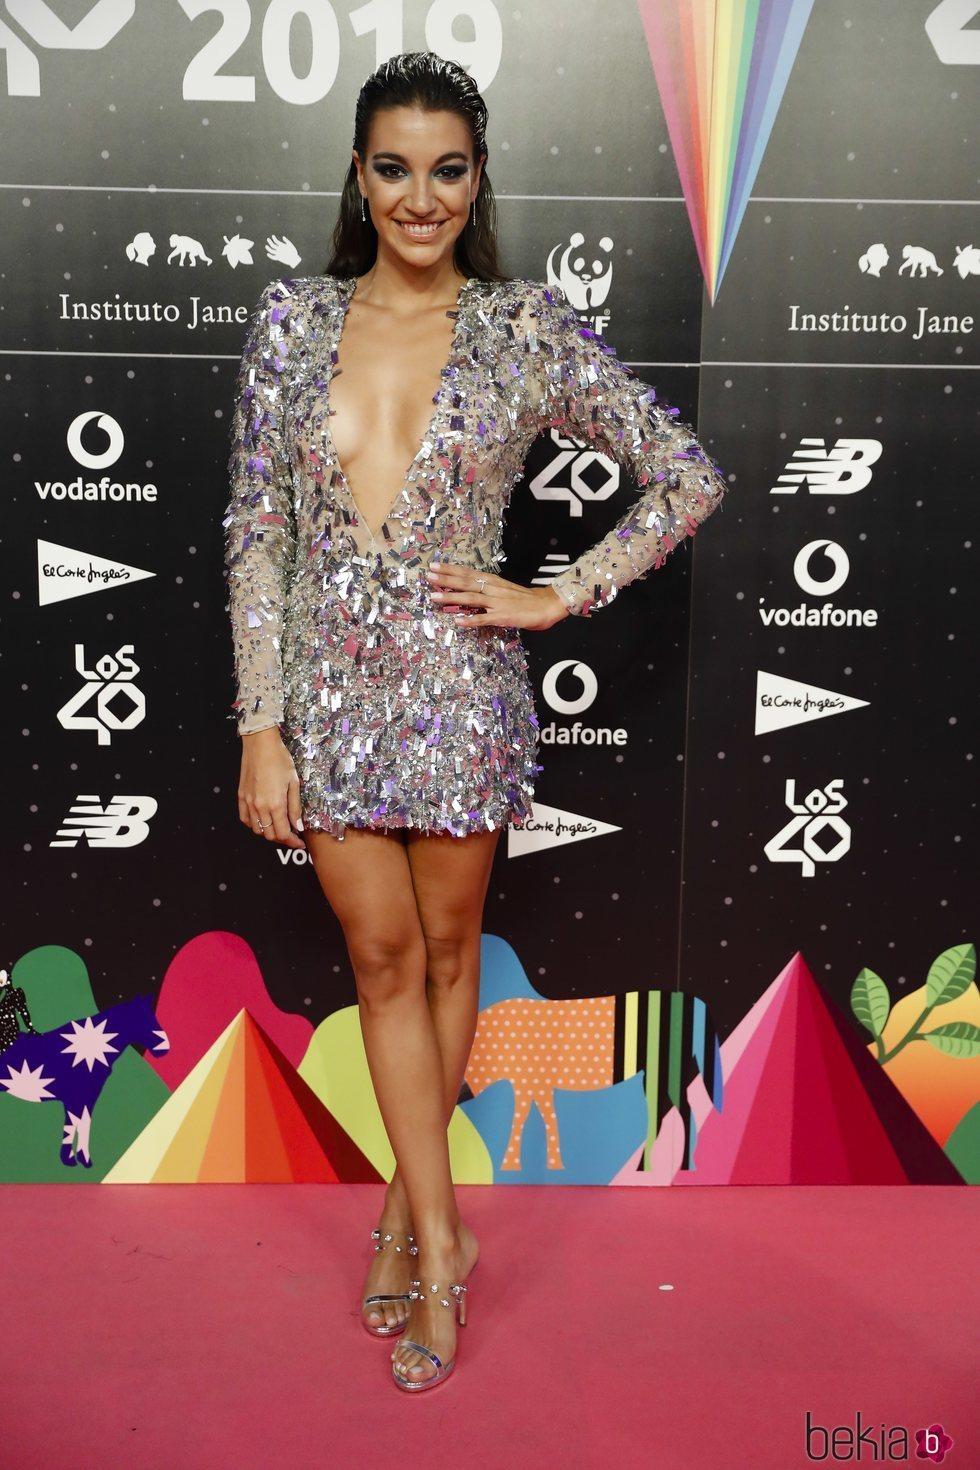 Ana Guerra en la cena de los nominados de Los 40 Music Awards 2019